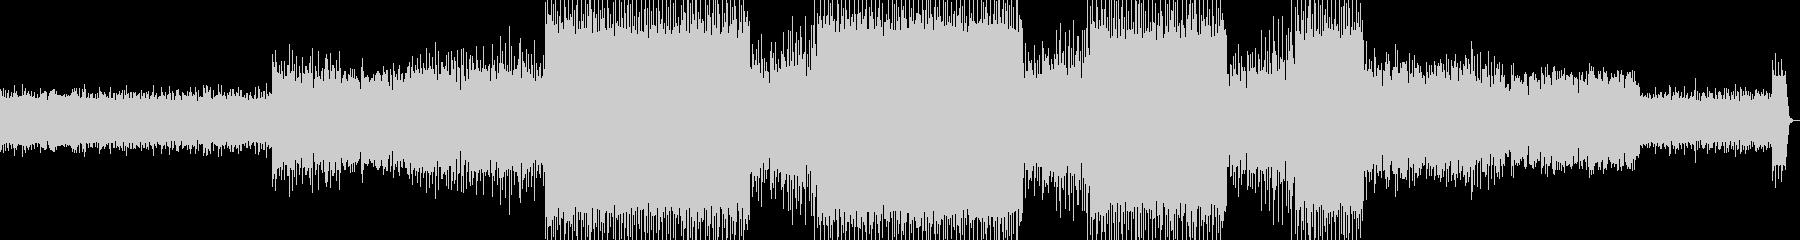 ドラムンベースですの未再生の波形